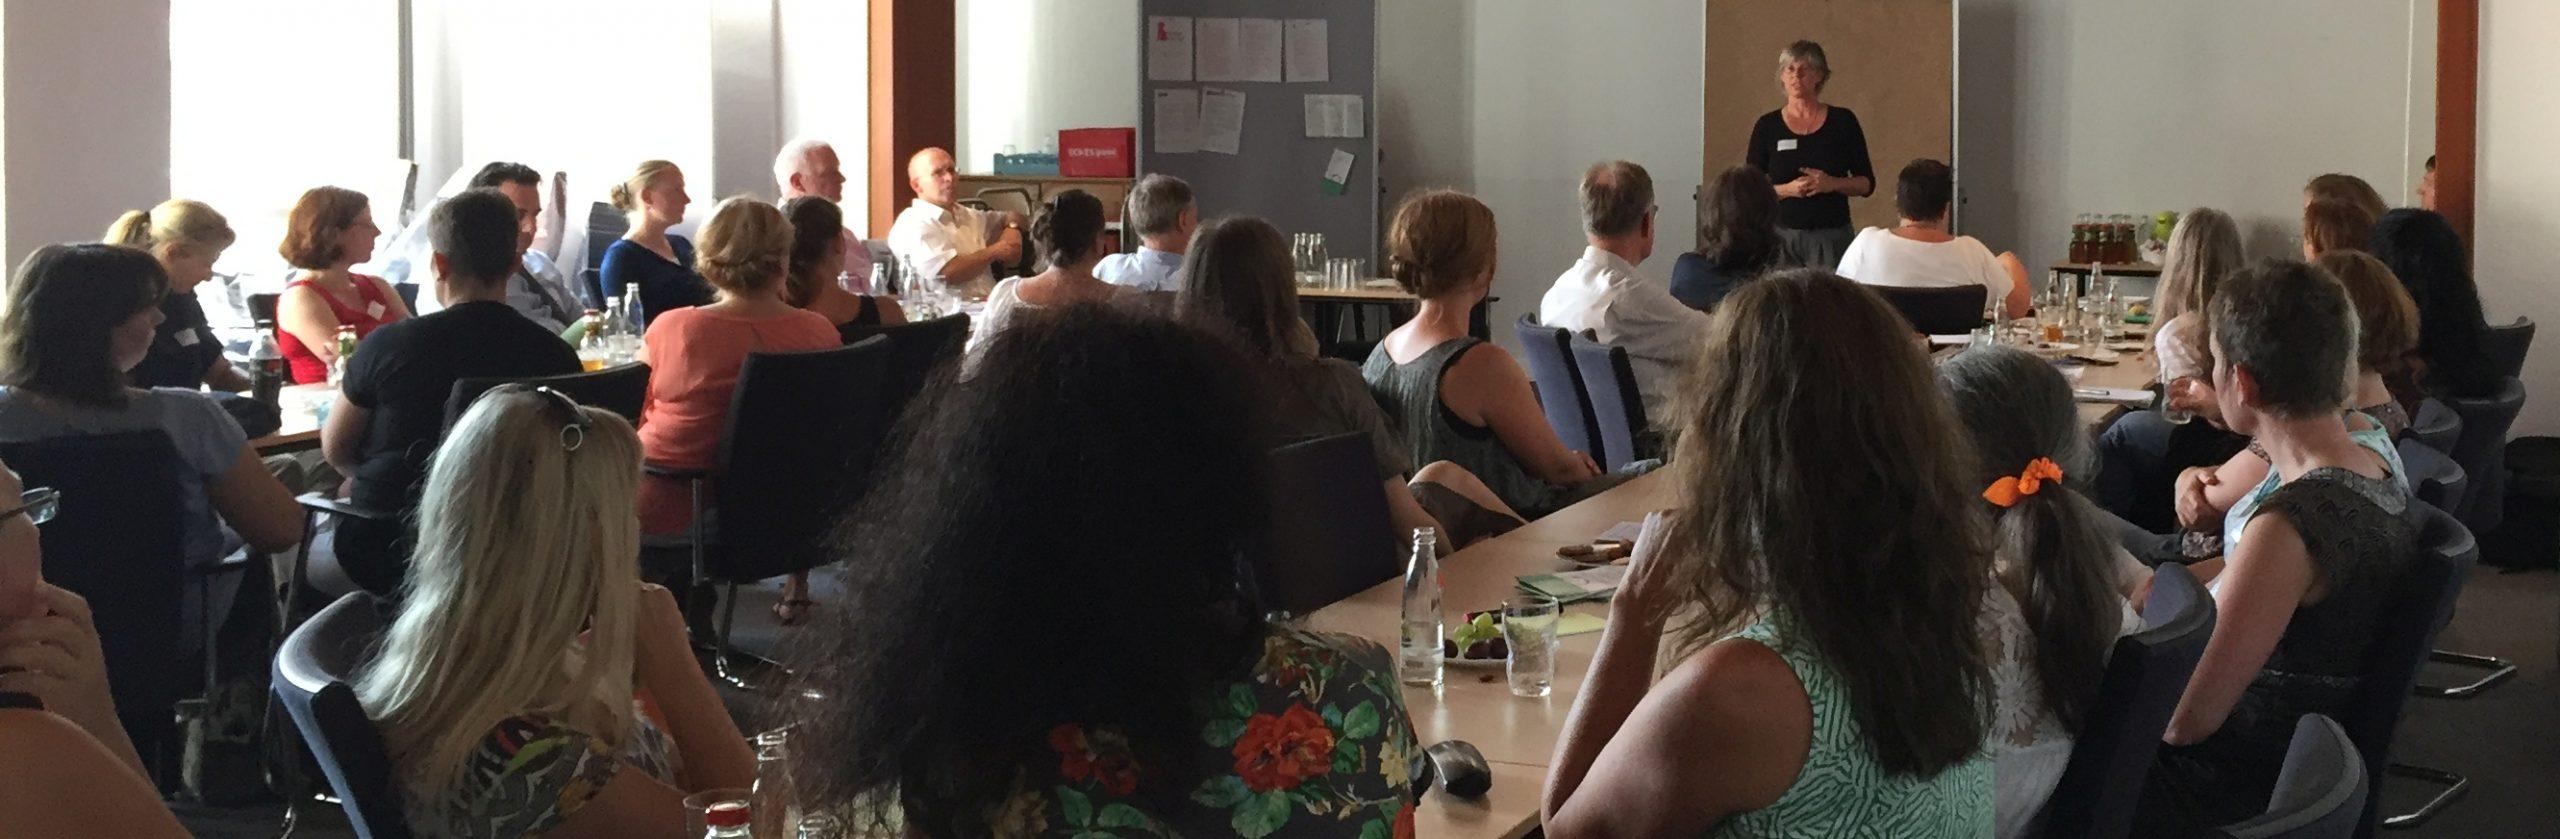 Dr. Dagmar Hertle - Eröffnung des Kick-Off-Meetings für das Bündnis für natürliche Geburt in Wuppertal